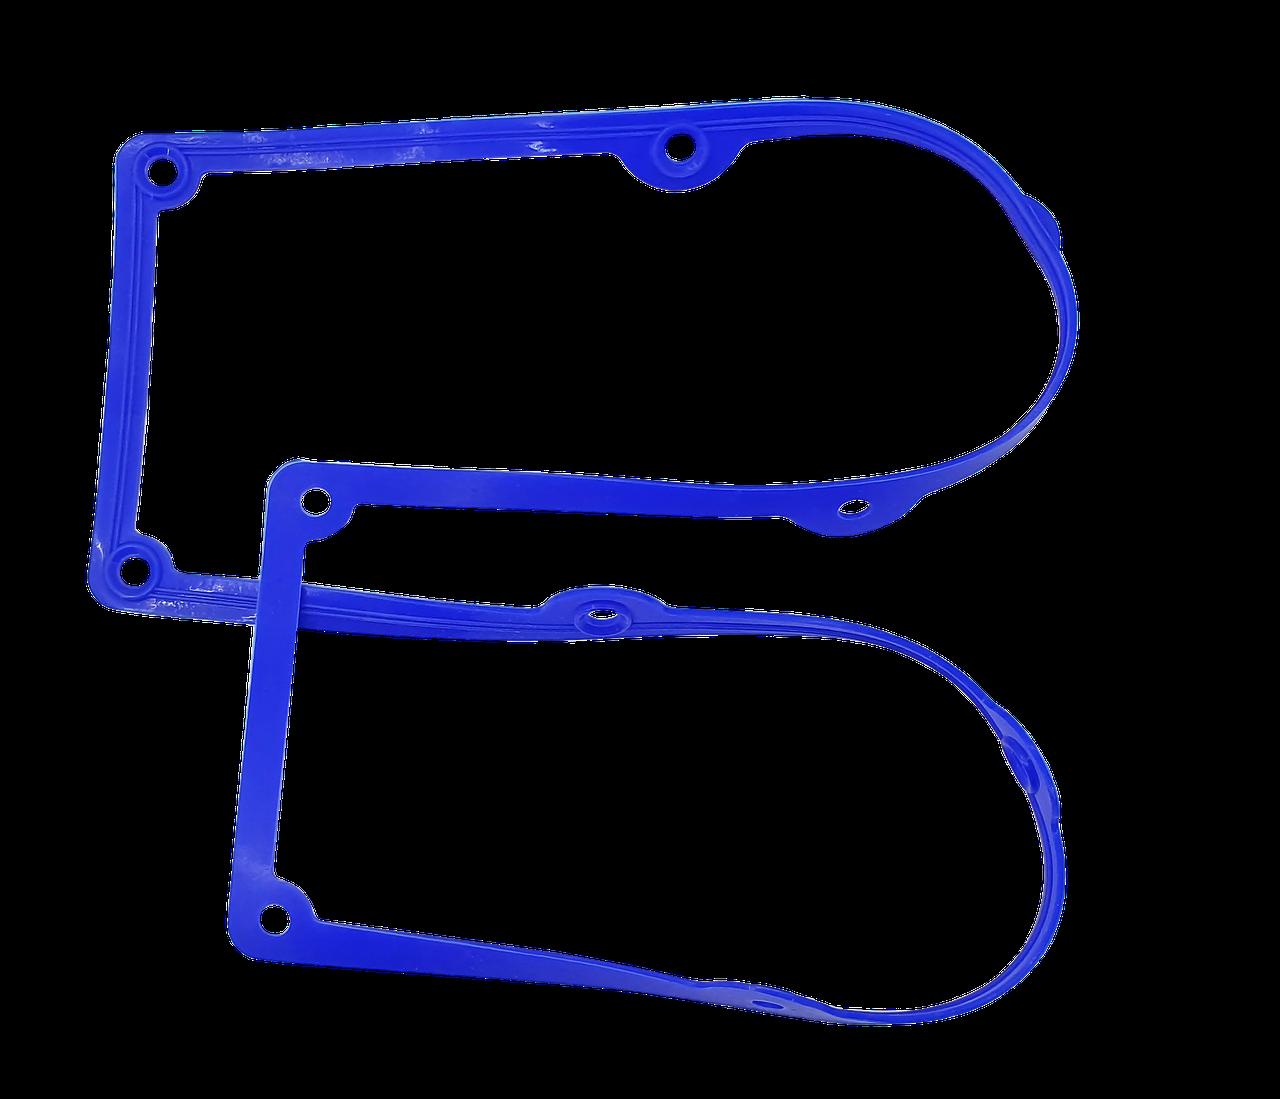 Прокладка крышки клапанной ЗИЛ-130 130-1003270